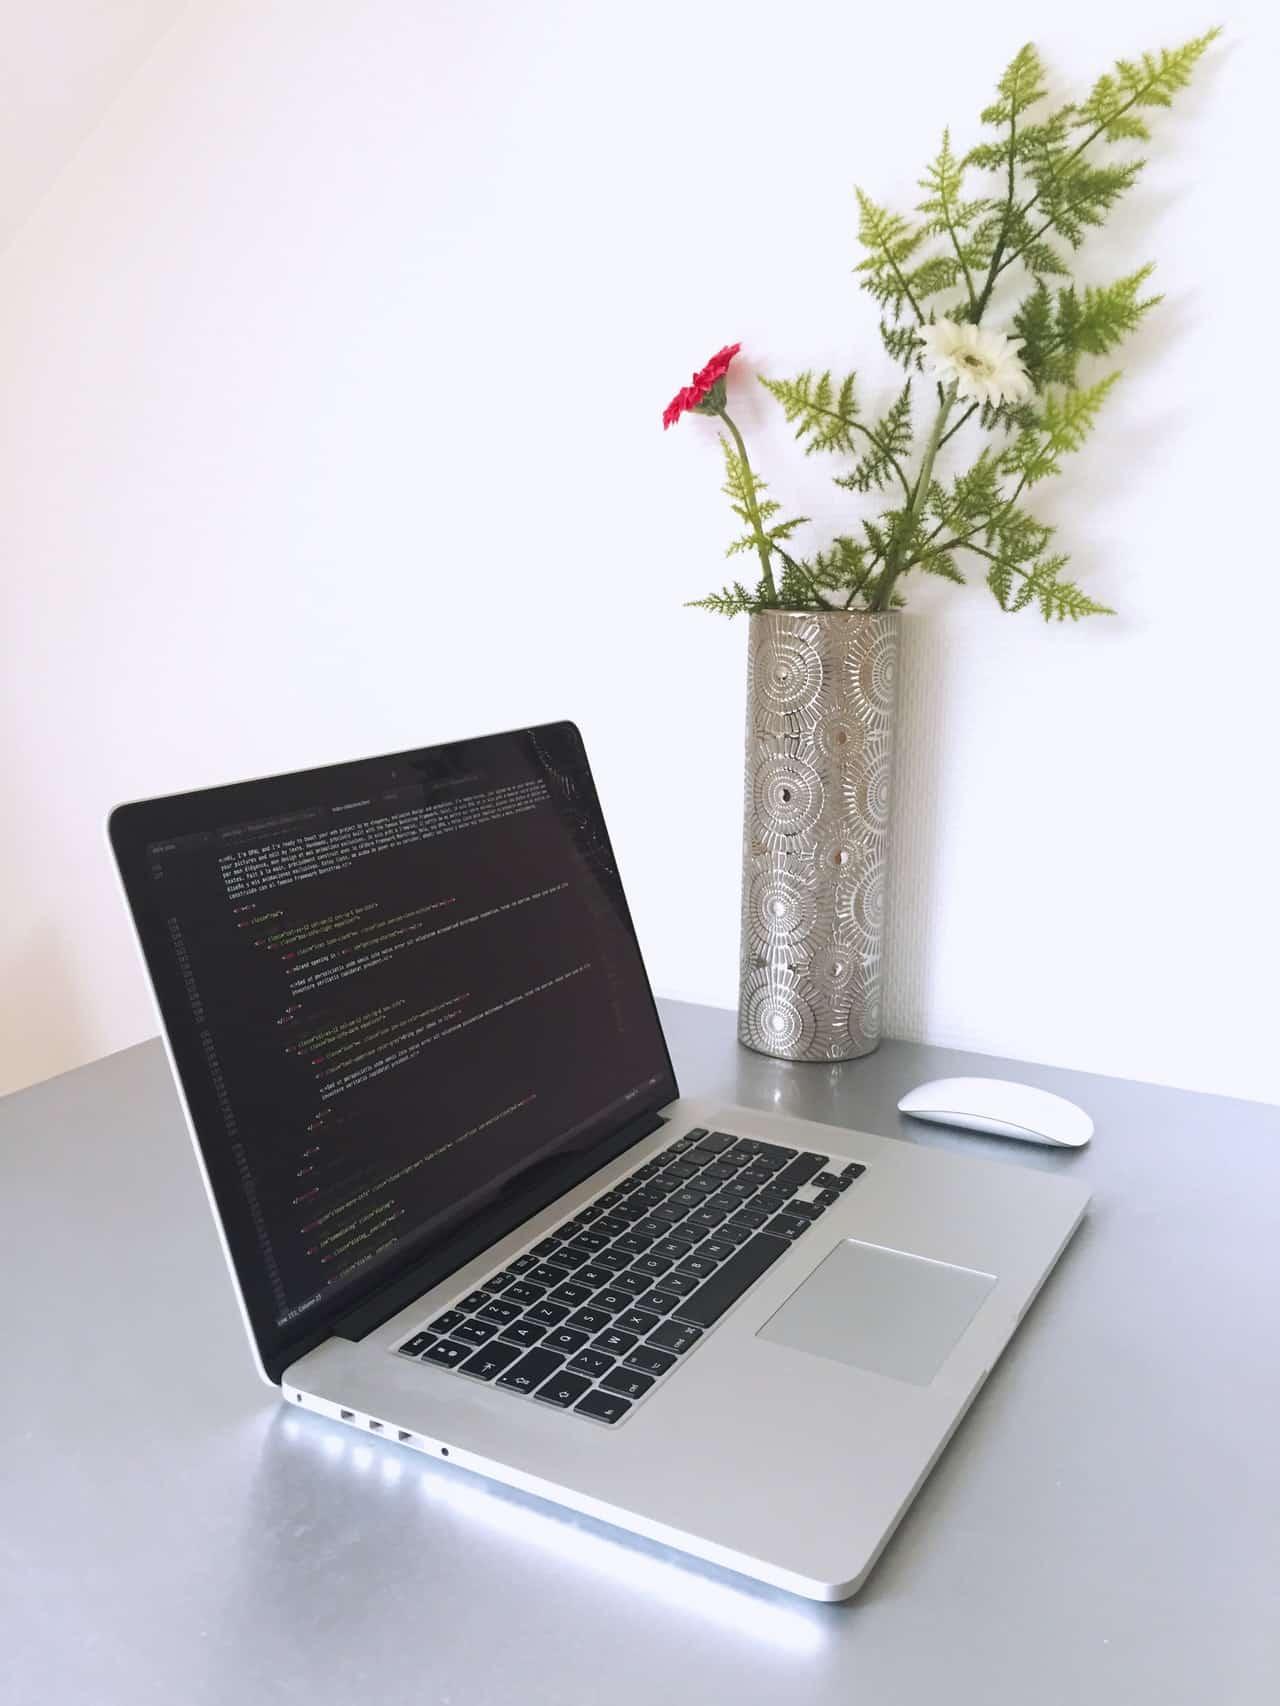 Developer Design Hosting Website Article Image